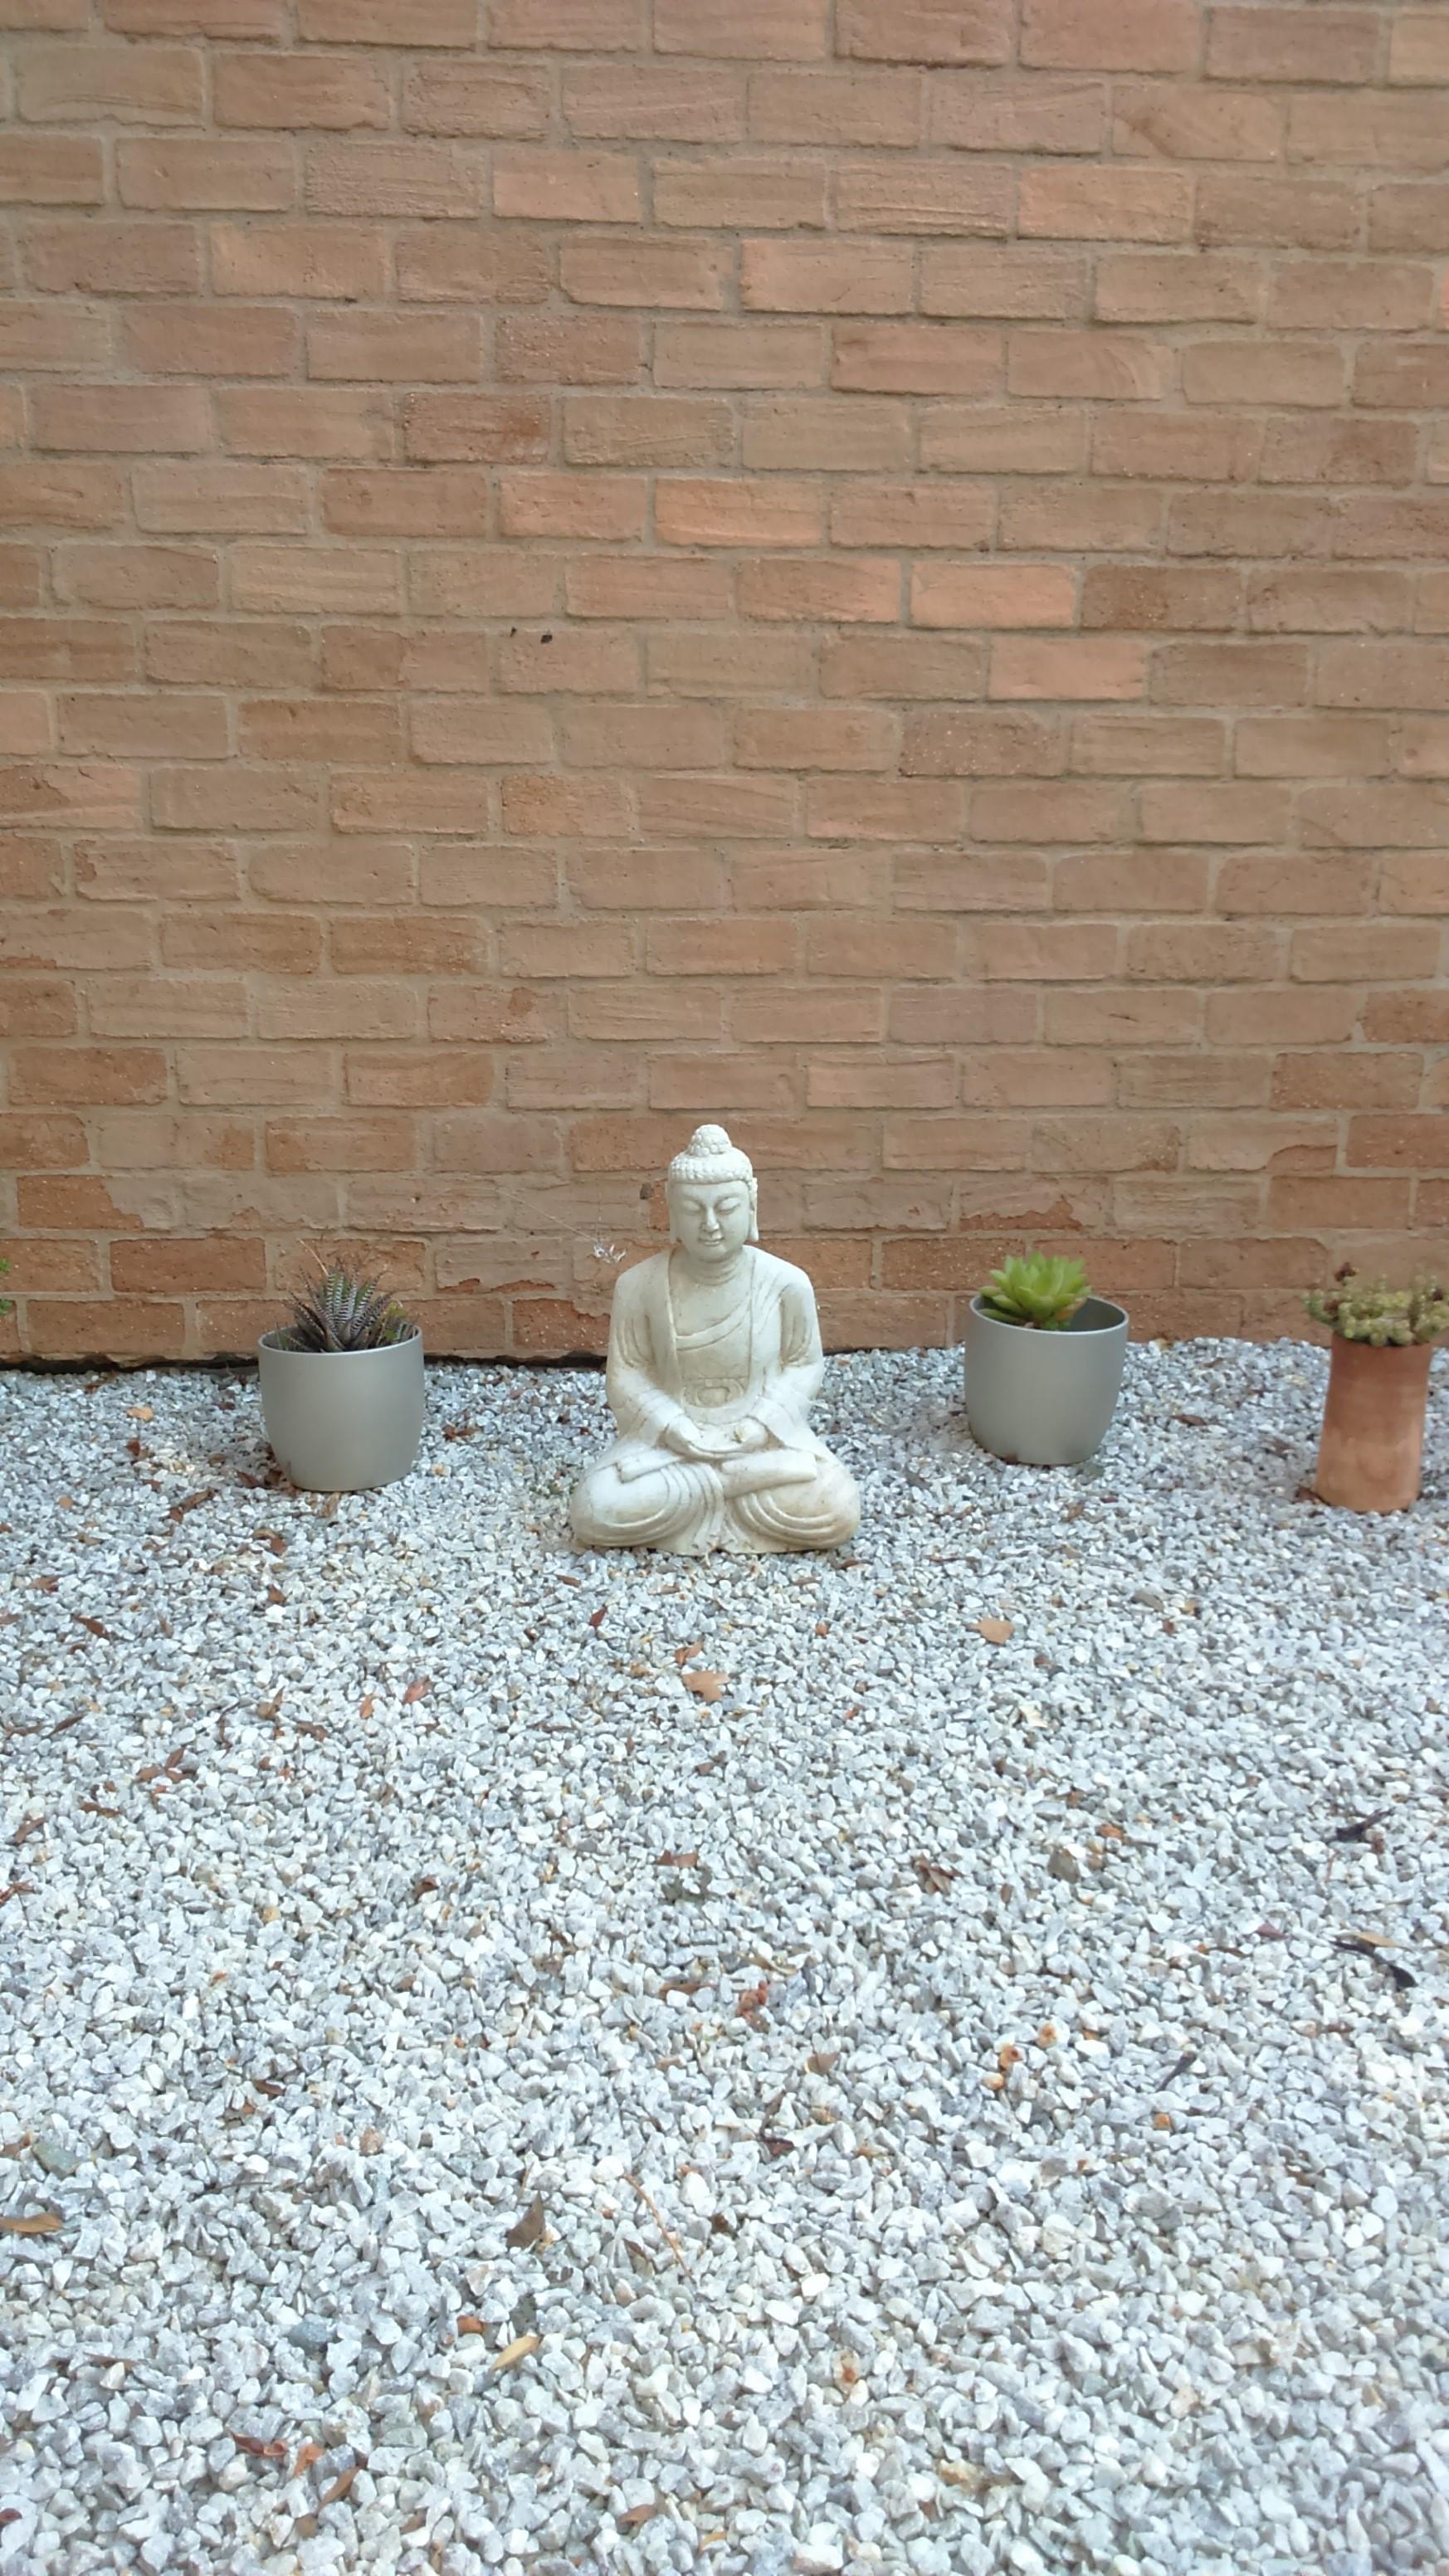 Im genes de un jard n zen maitreya comunidad for Fotos jardin zen